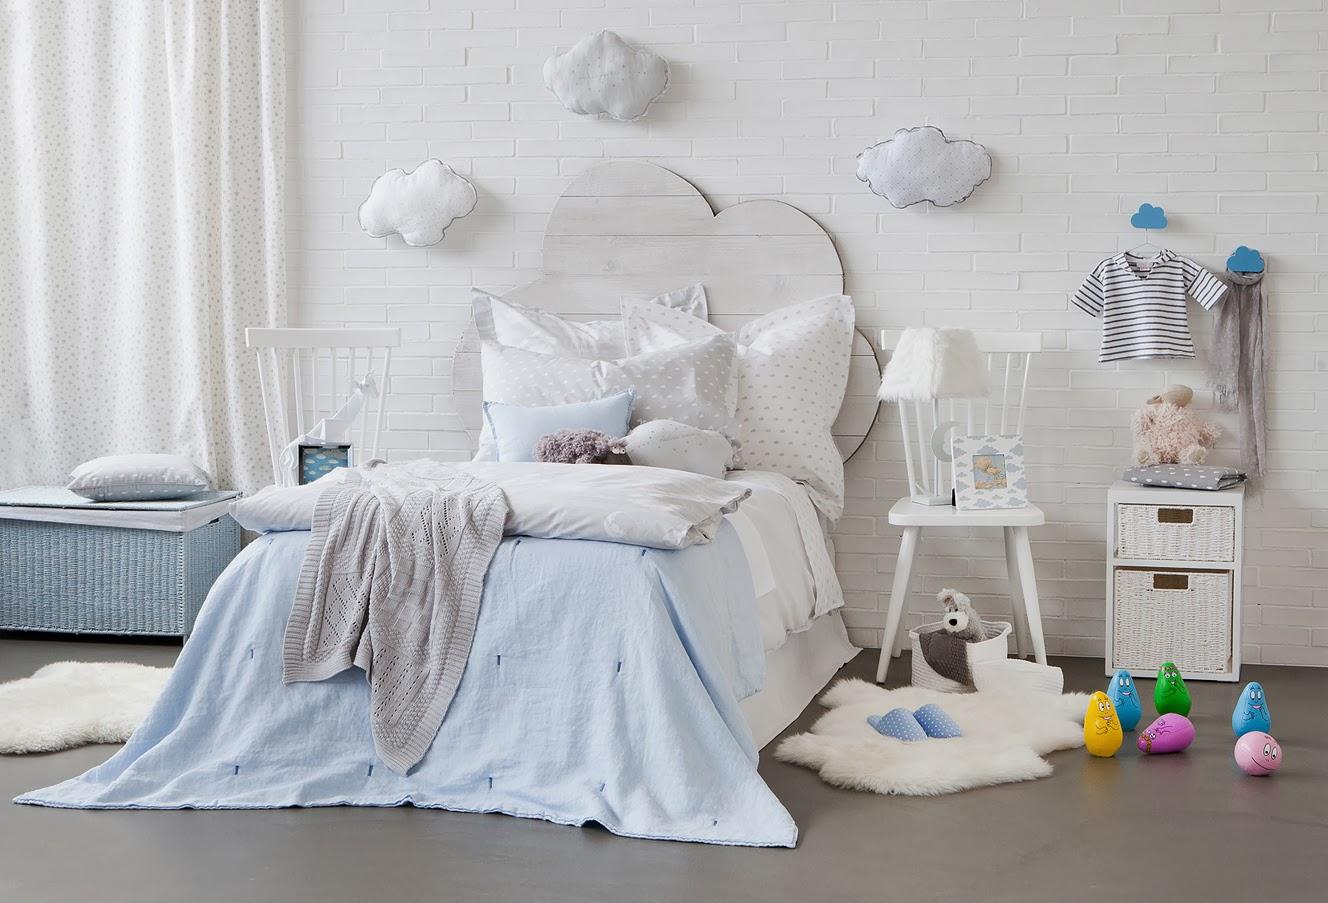 zara home kids la collezione primavera estate 2014 tra stelle e nuvole il cestino da picnic. Black Bedroom Furniture Sets. Home Design Ideas